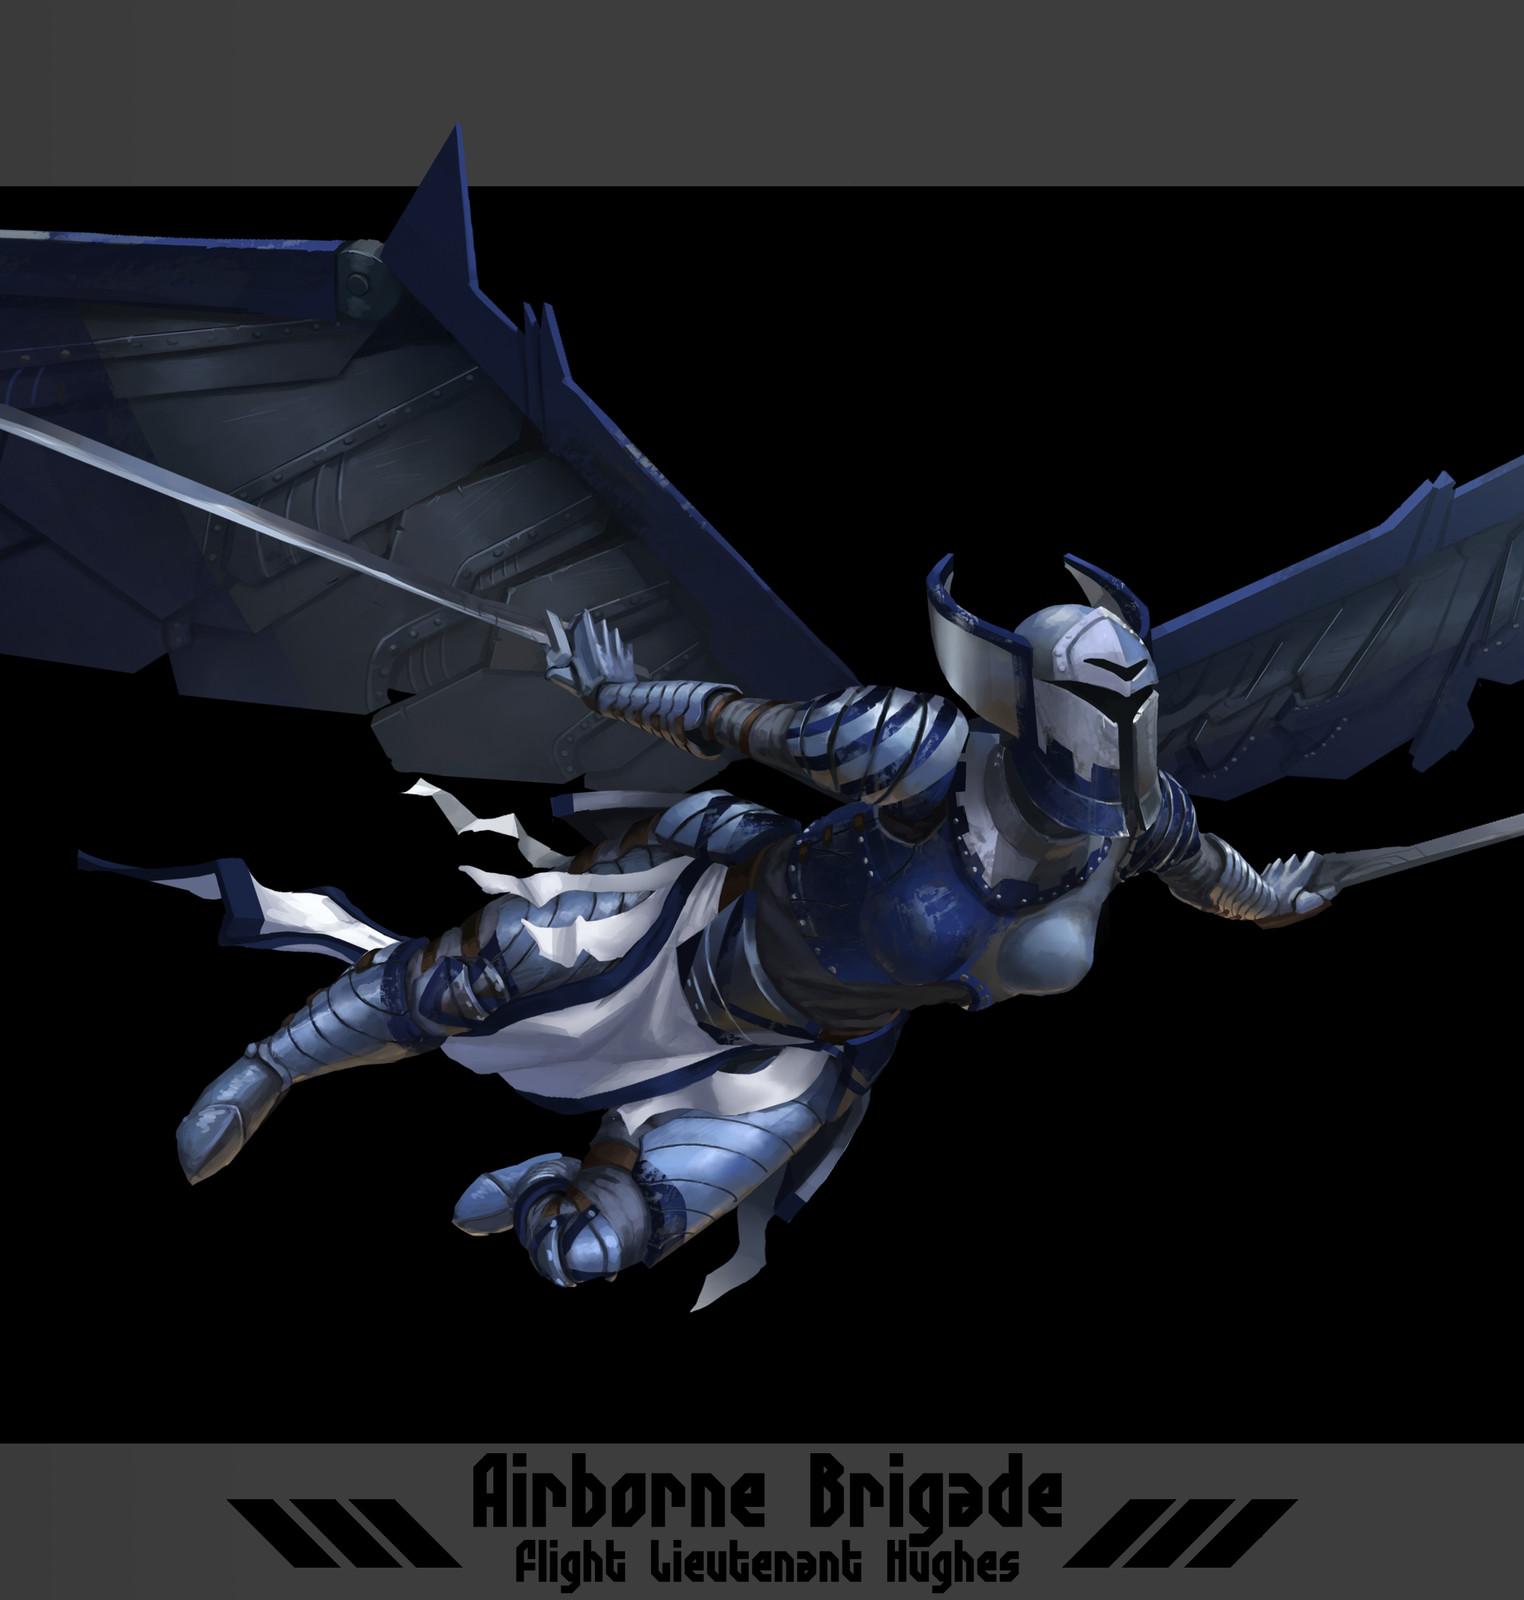 The Airborne Brigade